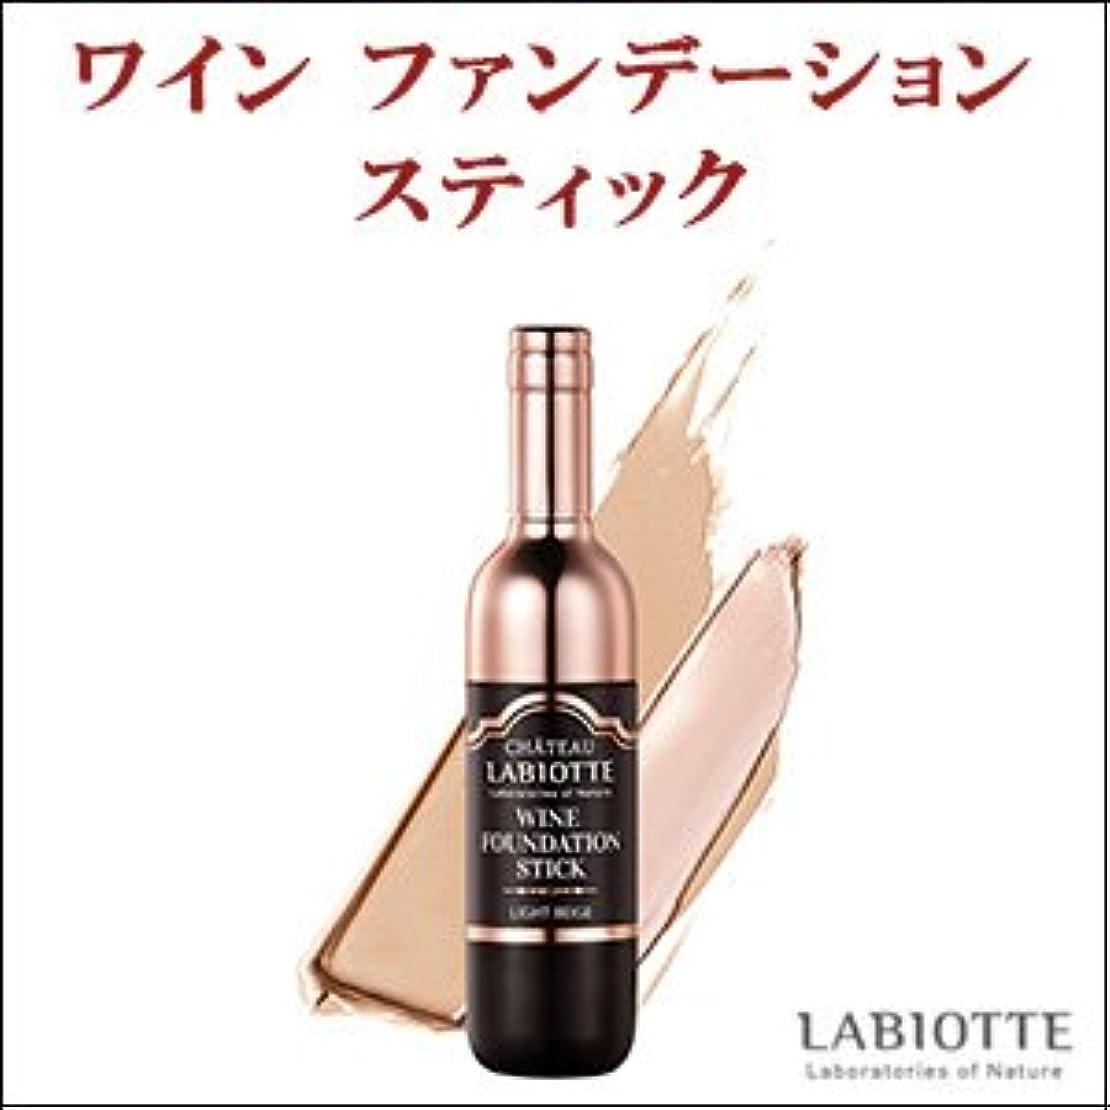 導入する愚かな精査するLABIOTTE シャトー ラビオッテ ワイン ファンデーション スティック カラー:P21 ピンクベージュ